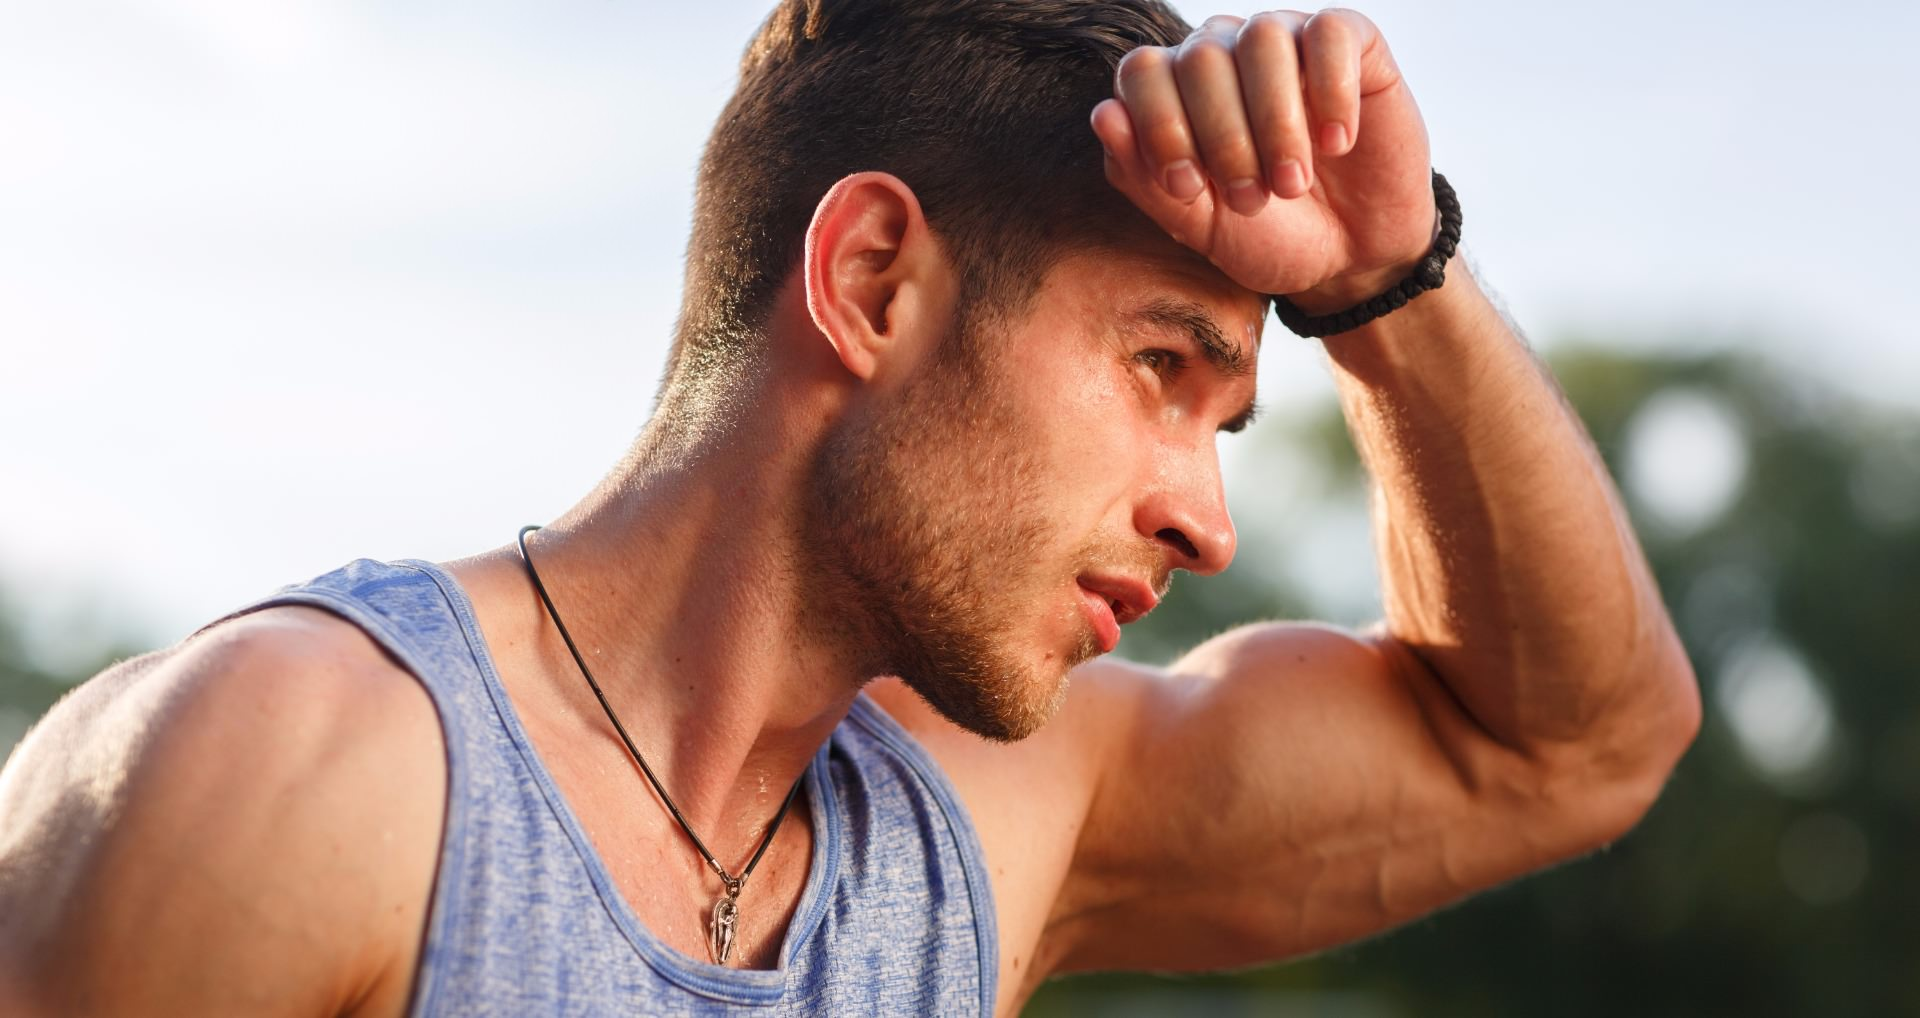 athlete-in-heat